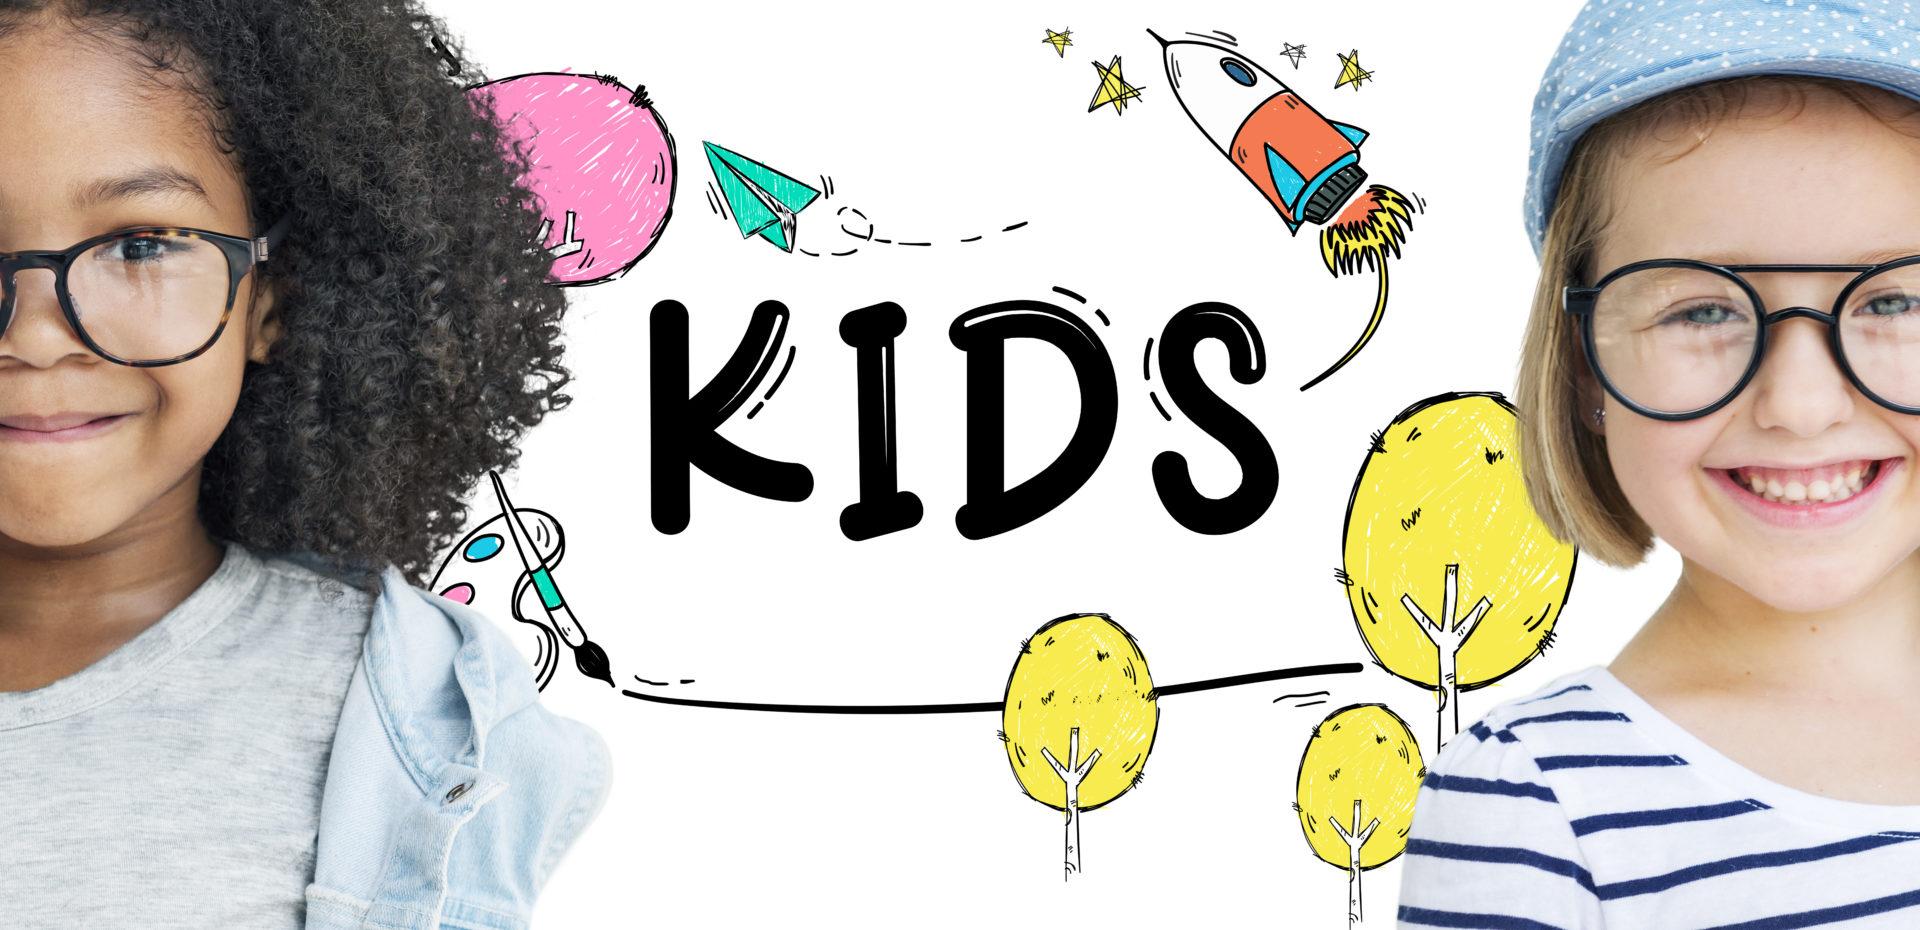 Idée Cadeau Pour Enfant (Fille) De 6 Ans À 12 Ans - Jeux Et encequiconcerne Jeux De Deux Fille